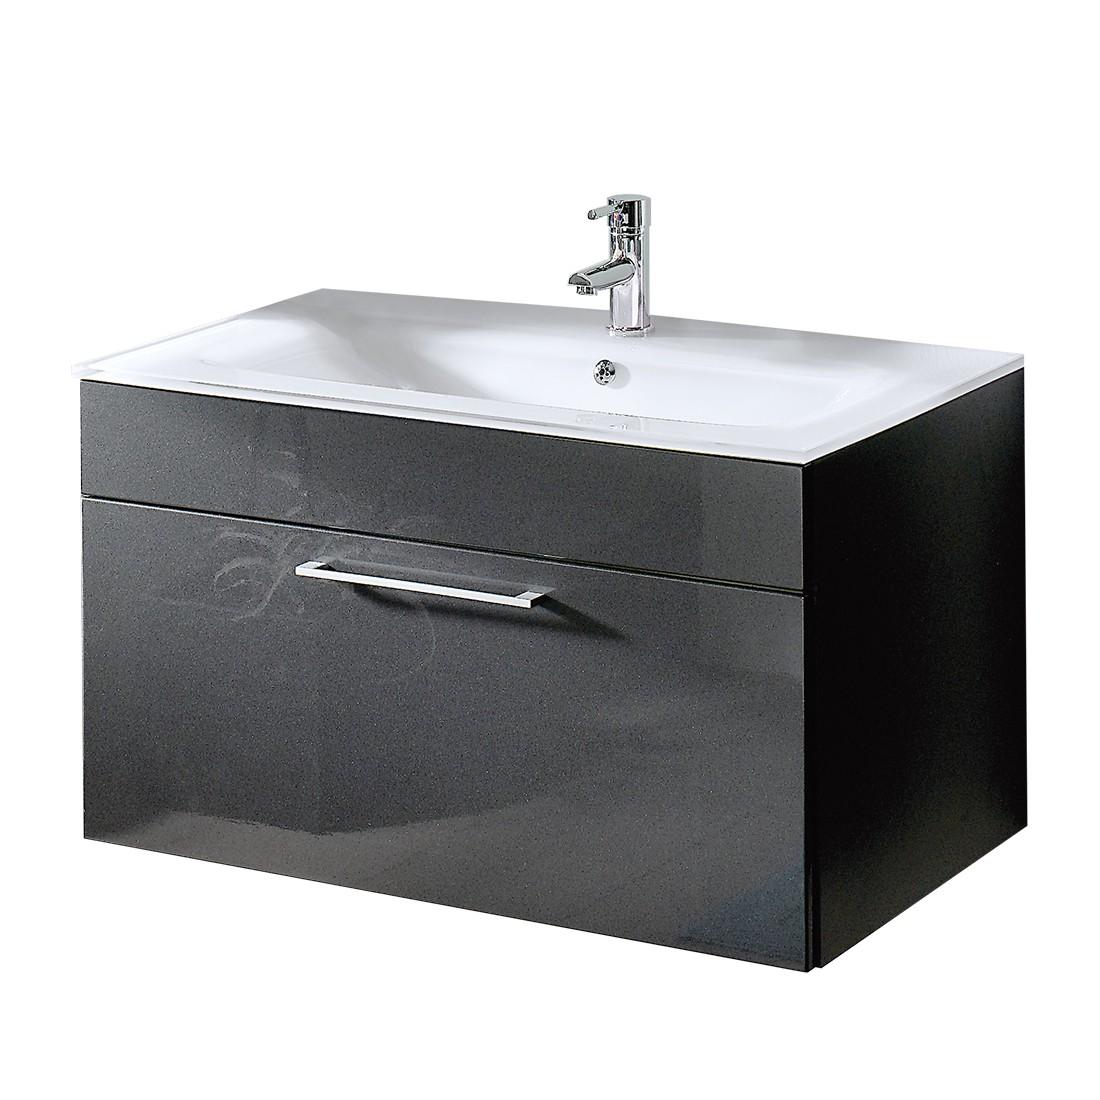 Waschplatz Chenna – Anthrazit, Aqua Suite günstig bestellen